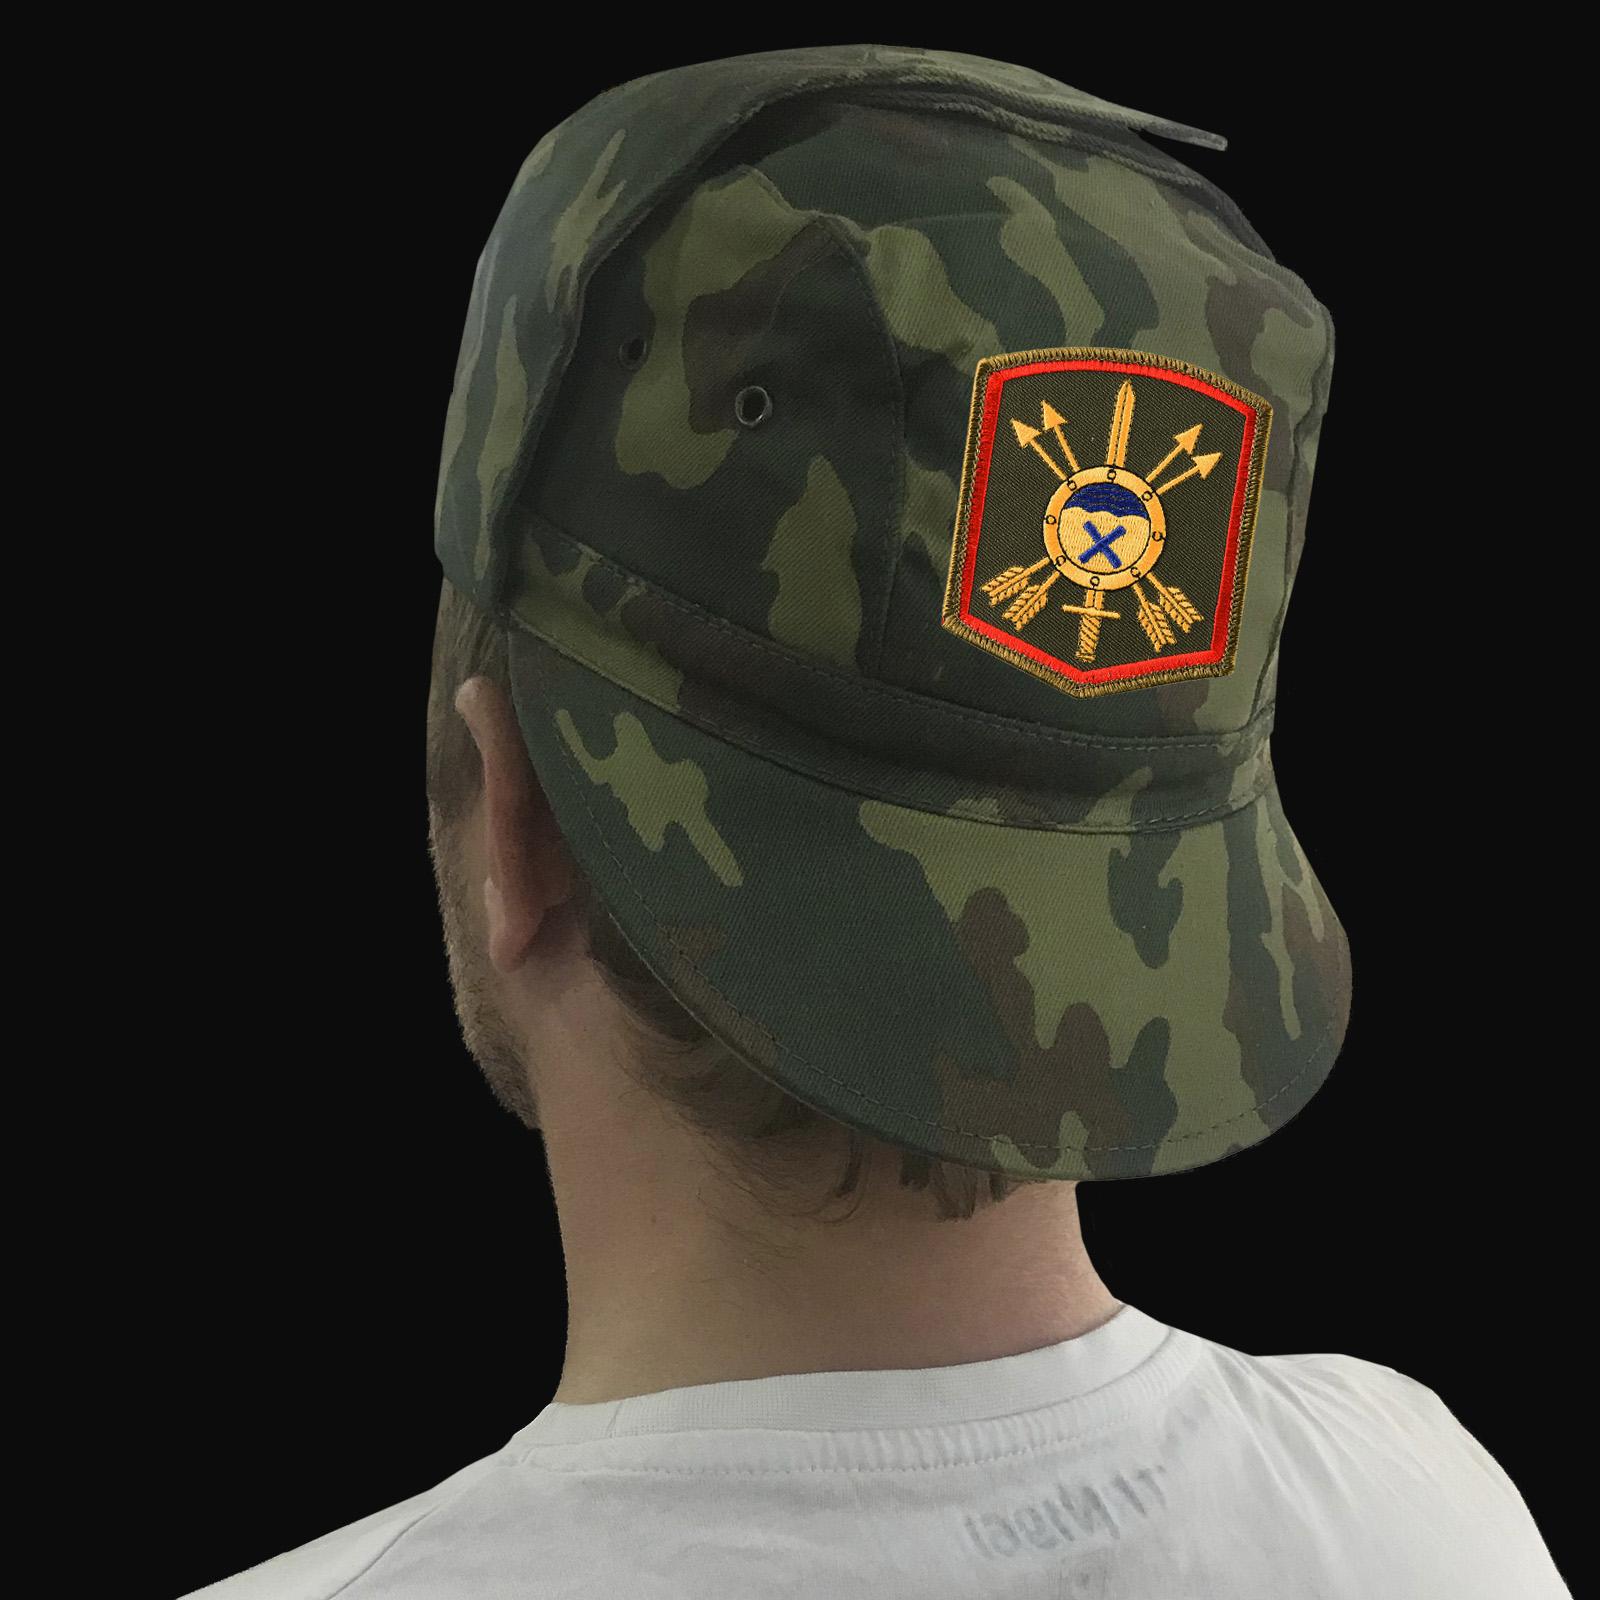 Продажа кепок с вышитой символикой РВСН